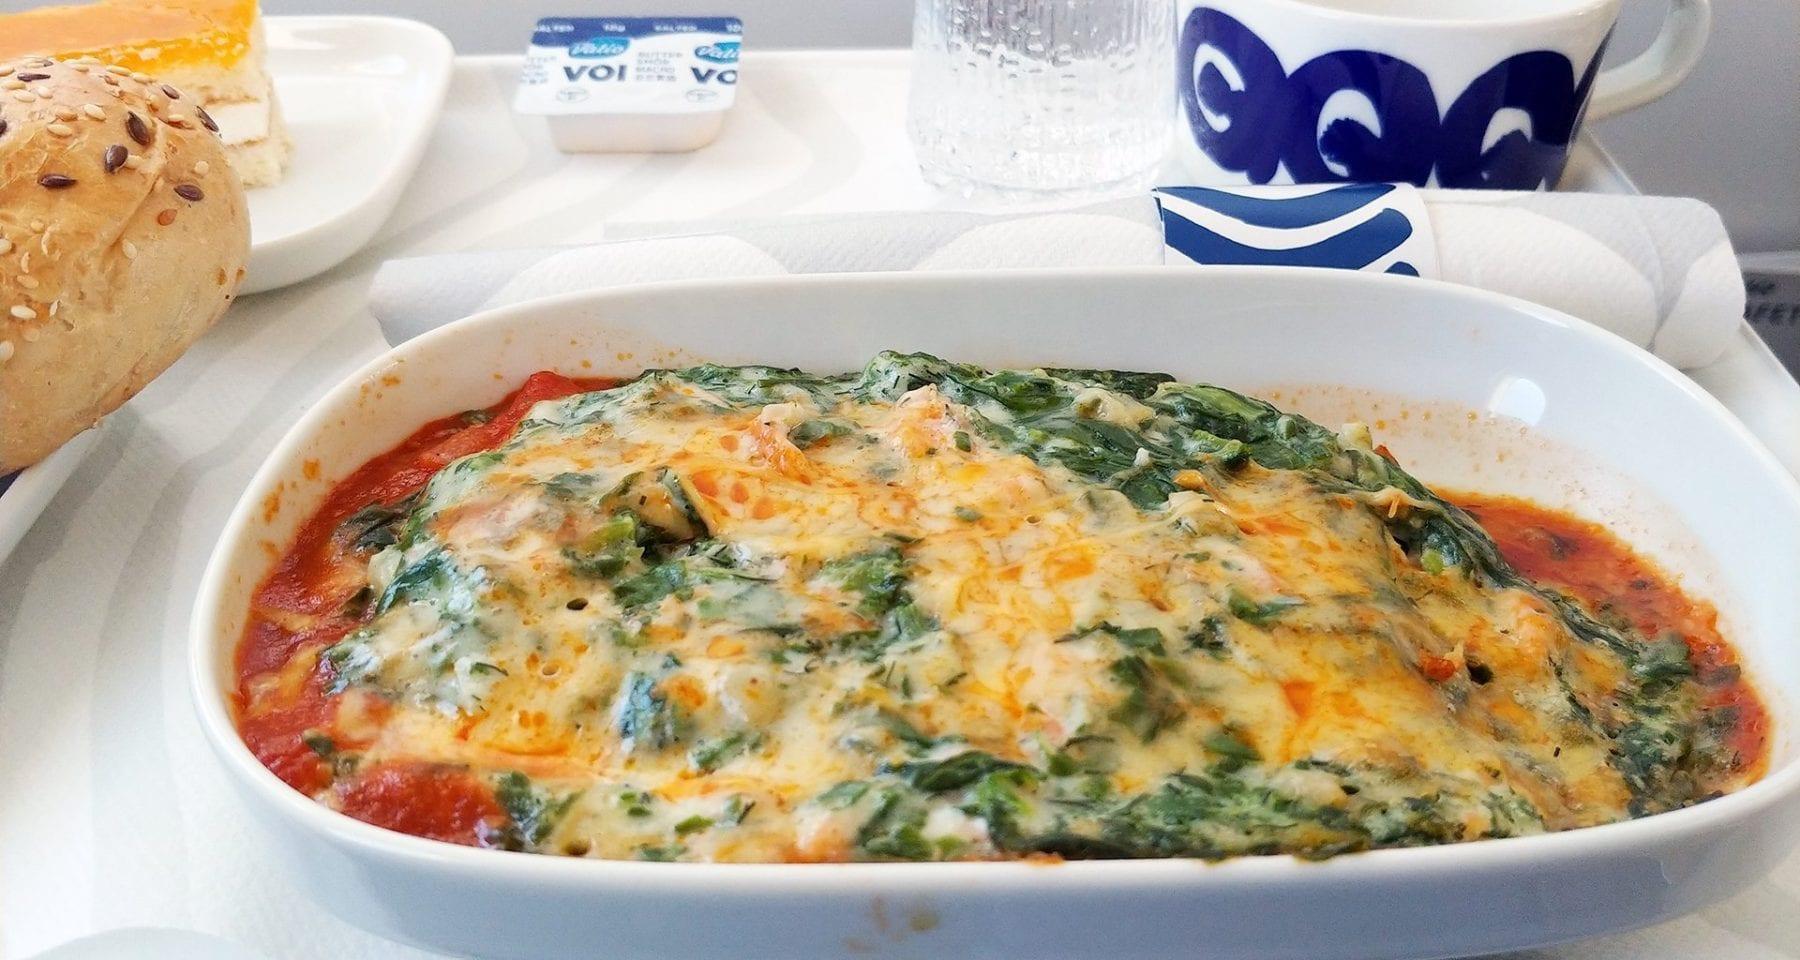 Finnair business class hot meal